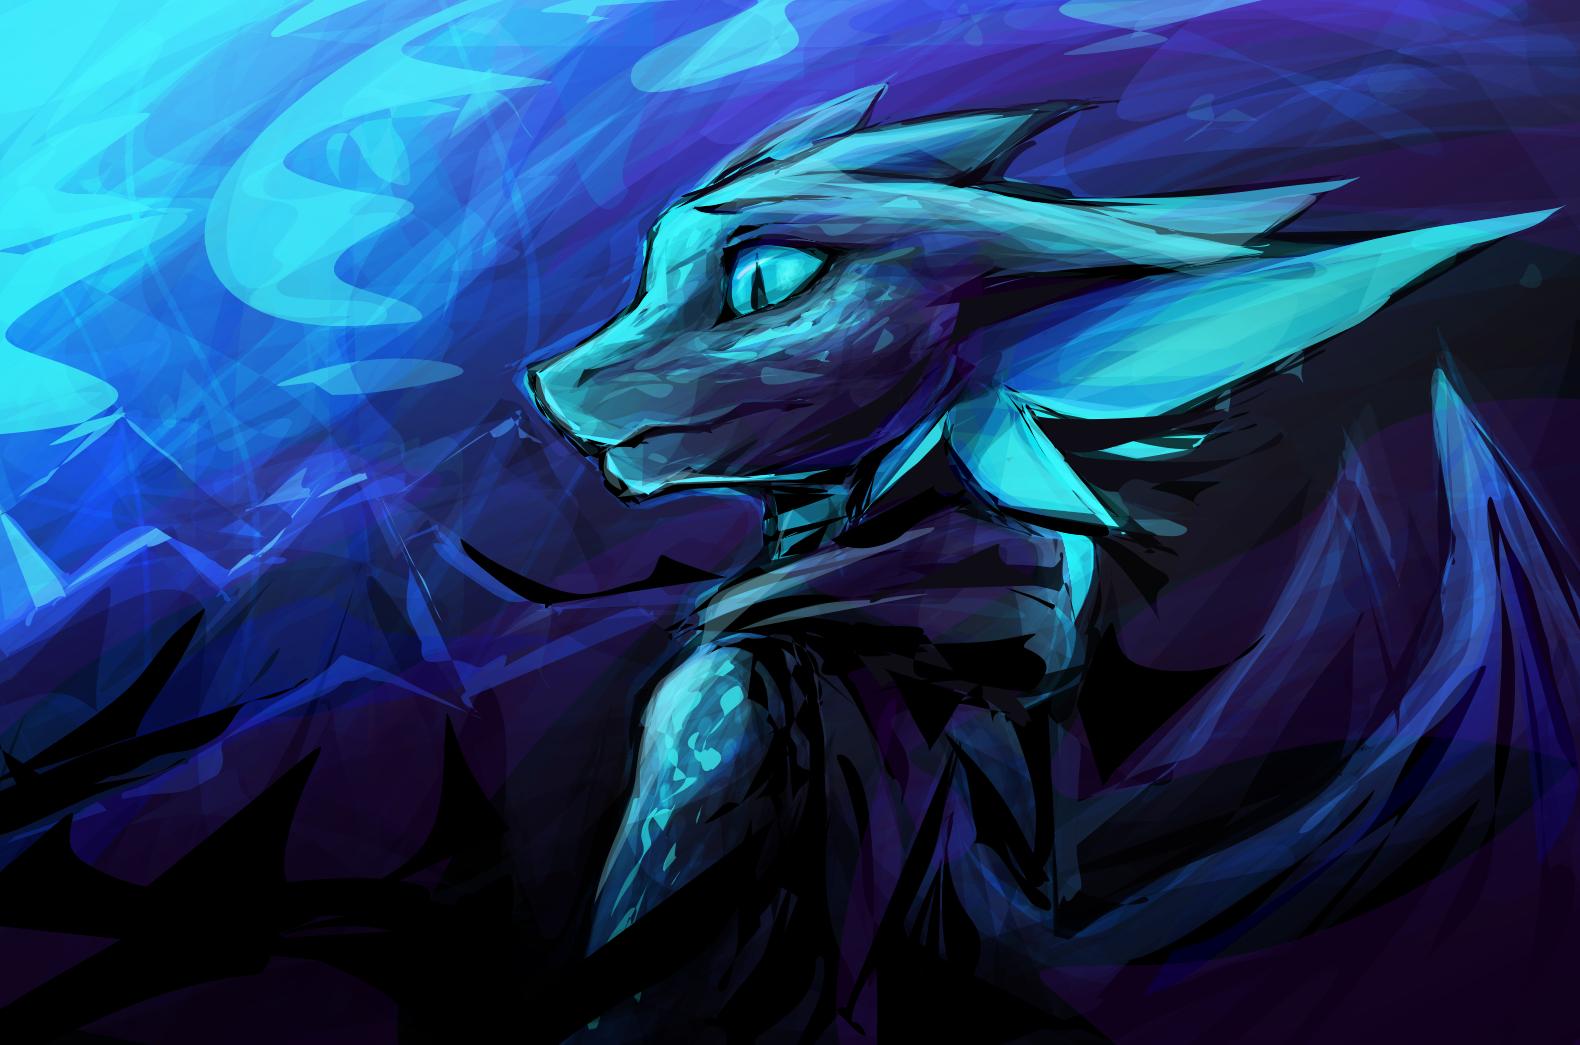 Sfondi Illustrazione Anime Blu Drago Peloso Anthro Oscurità